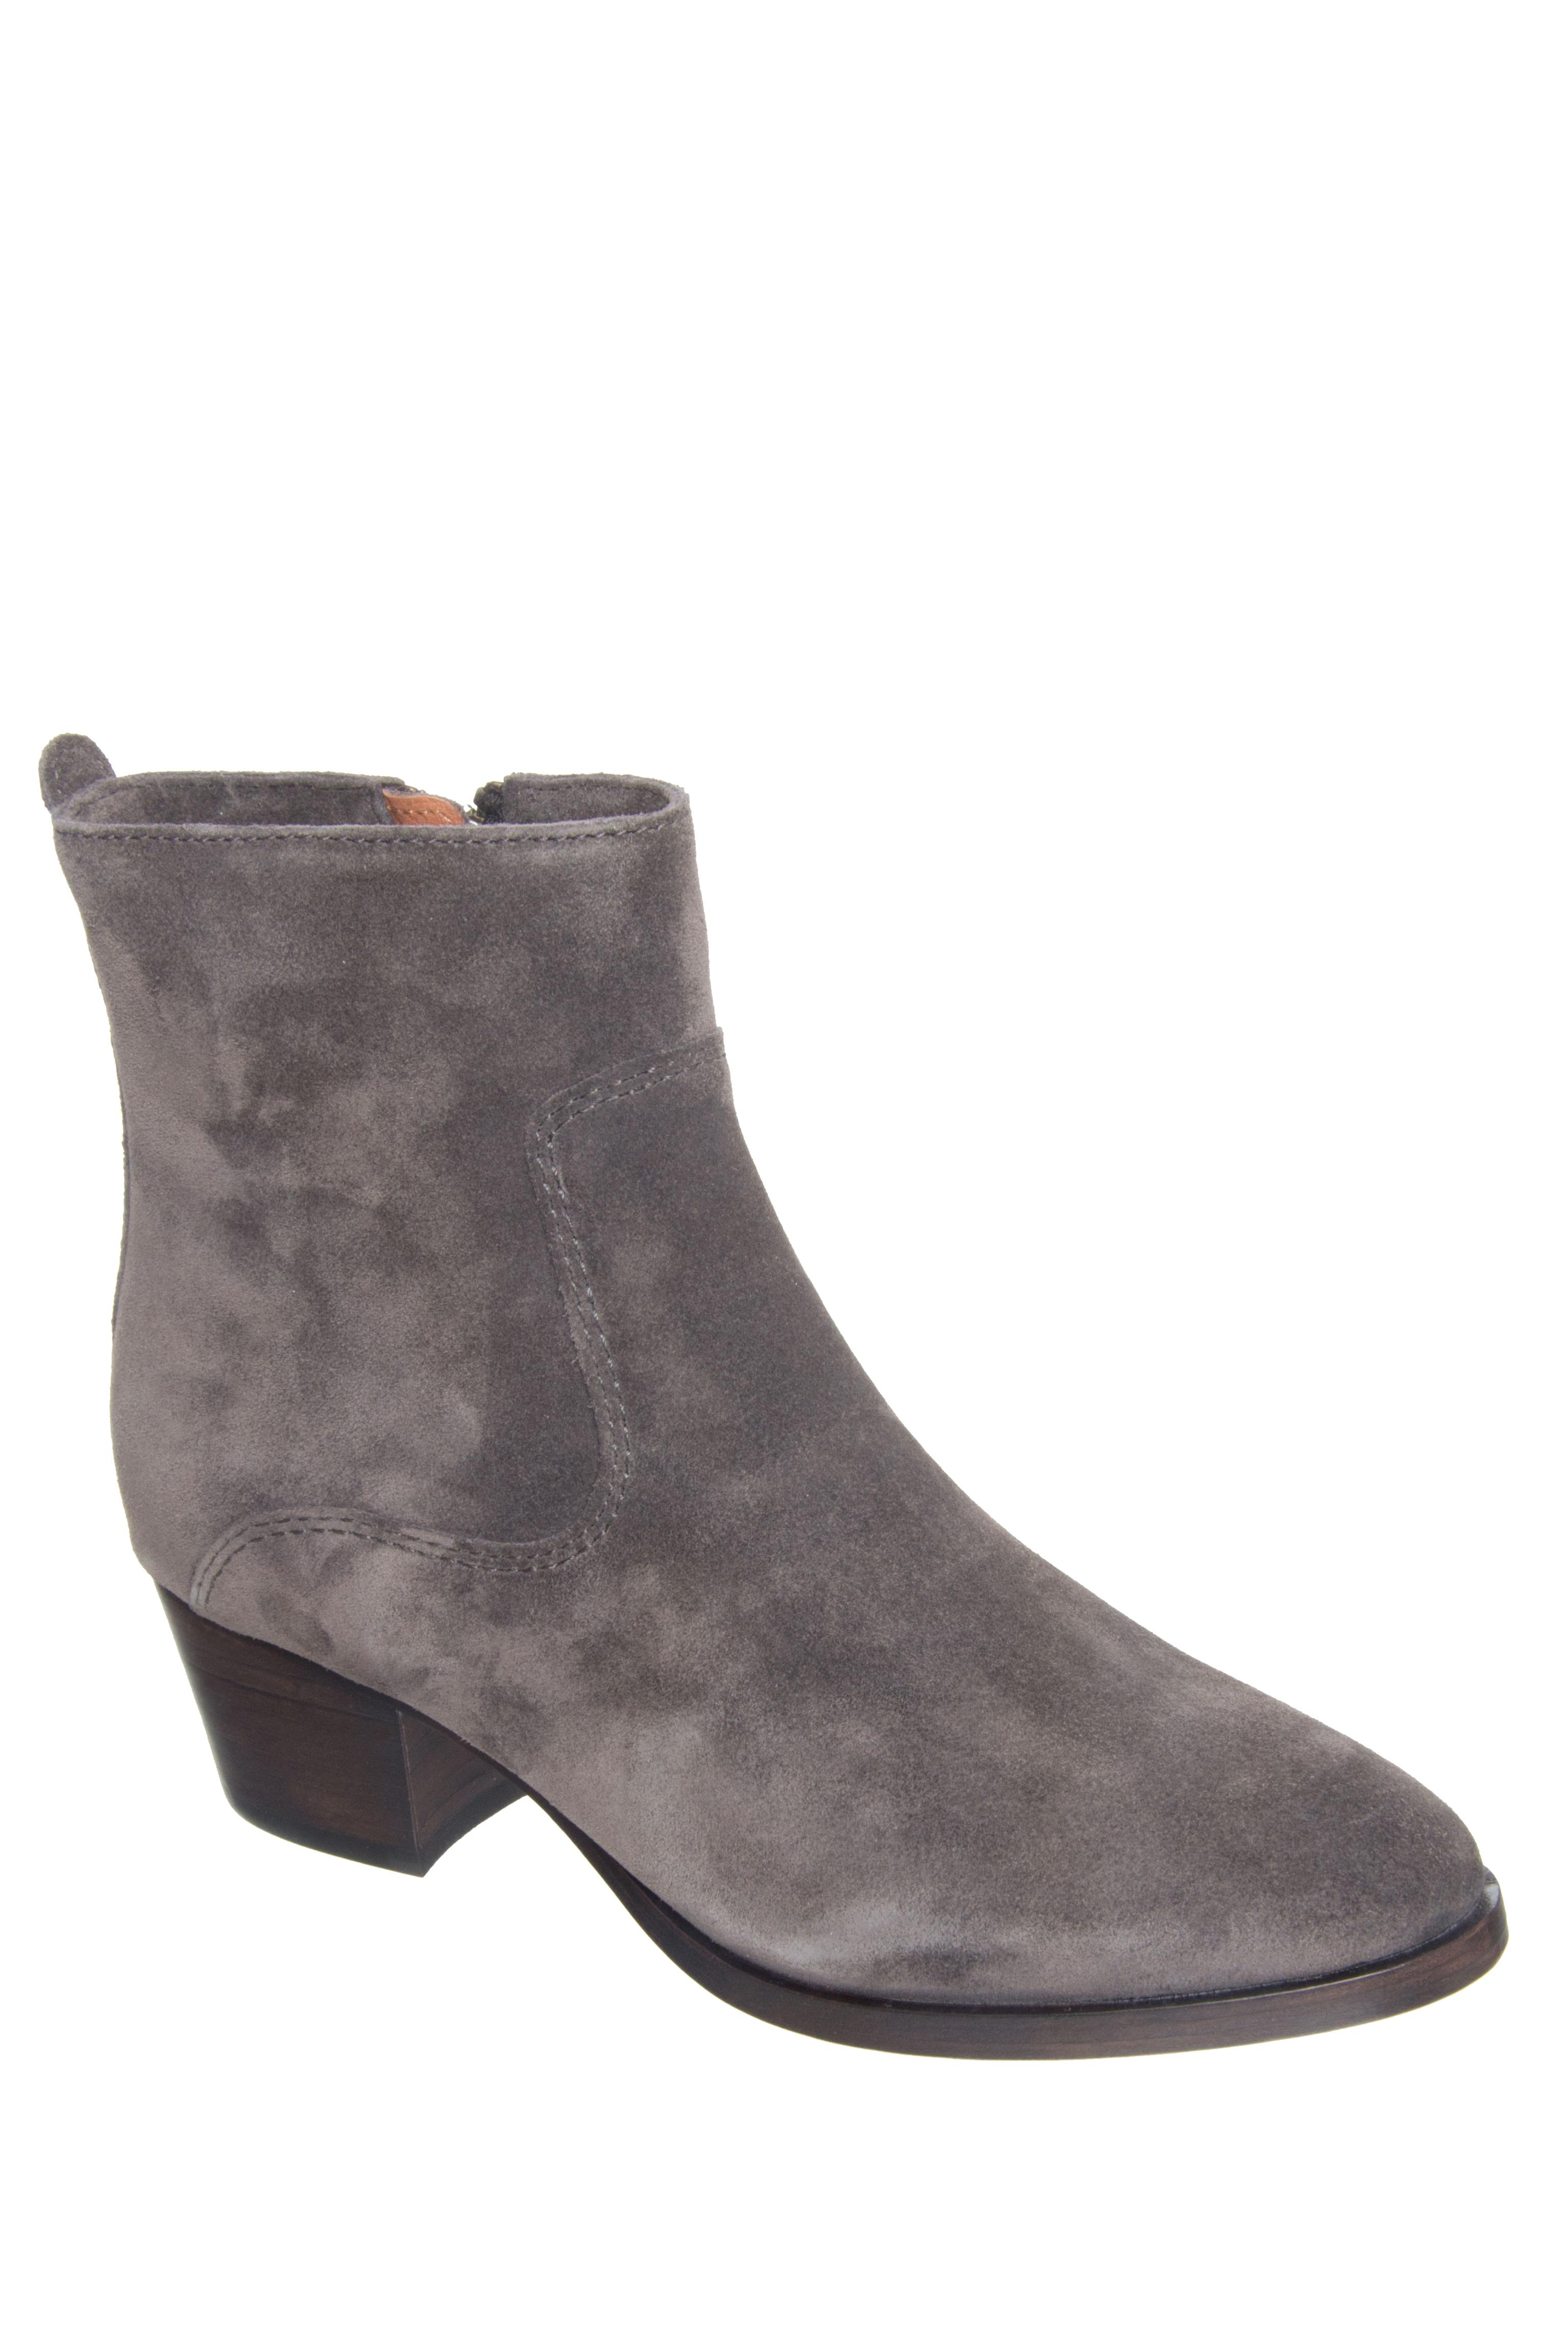 Frye Clara Zip Short Mid Heel Boots - Smoke